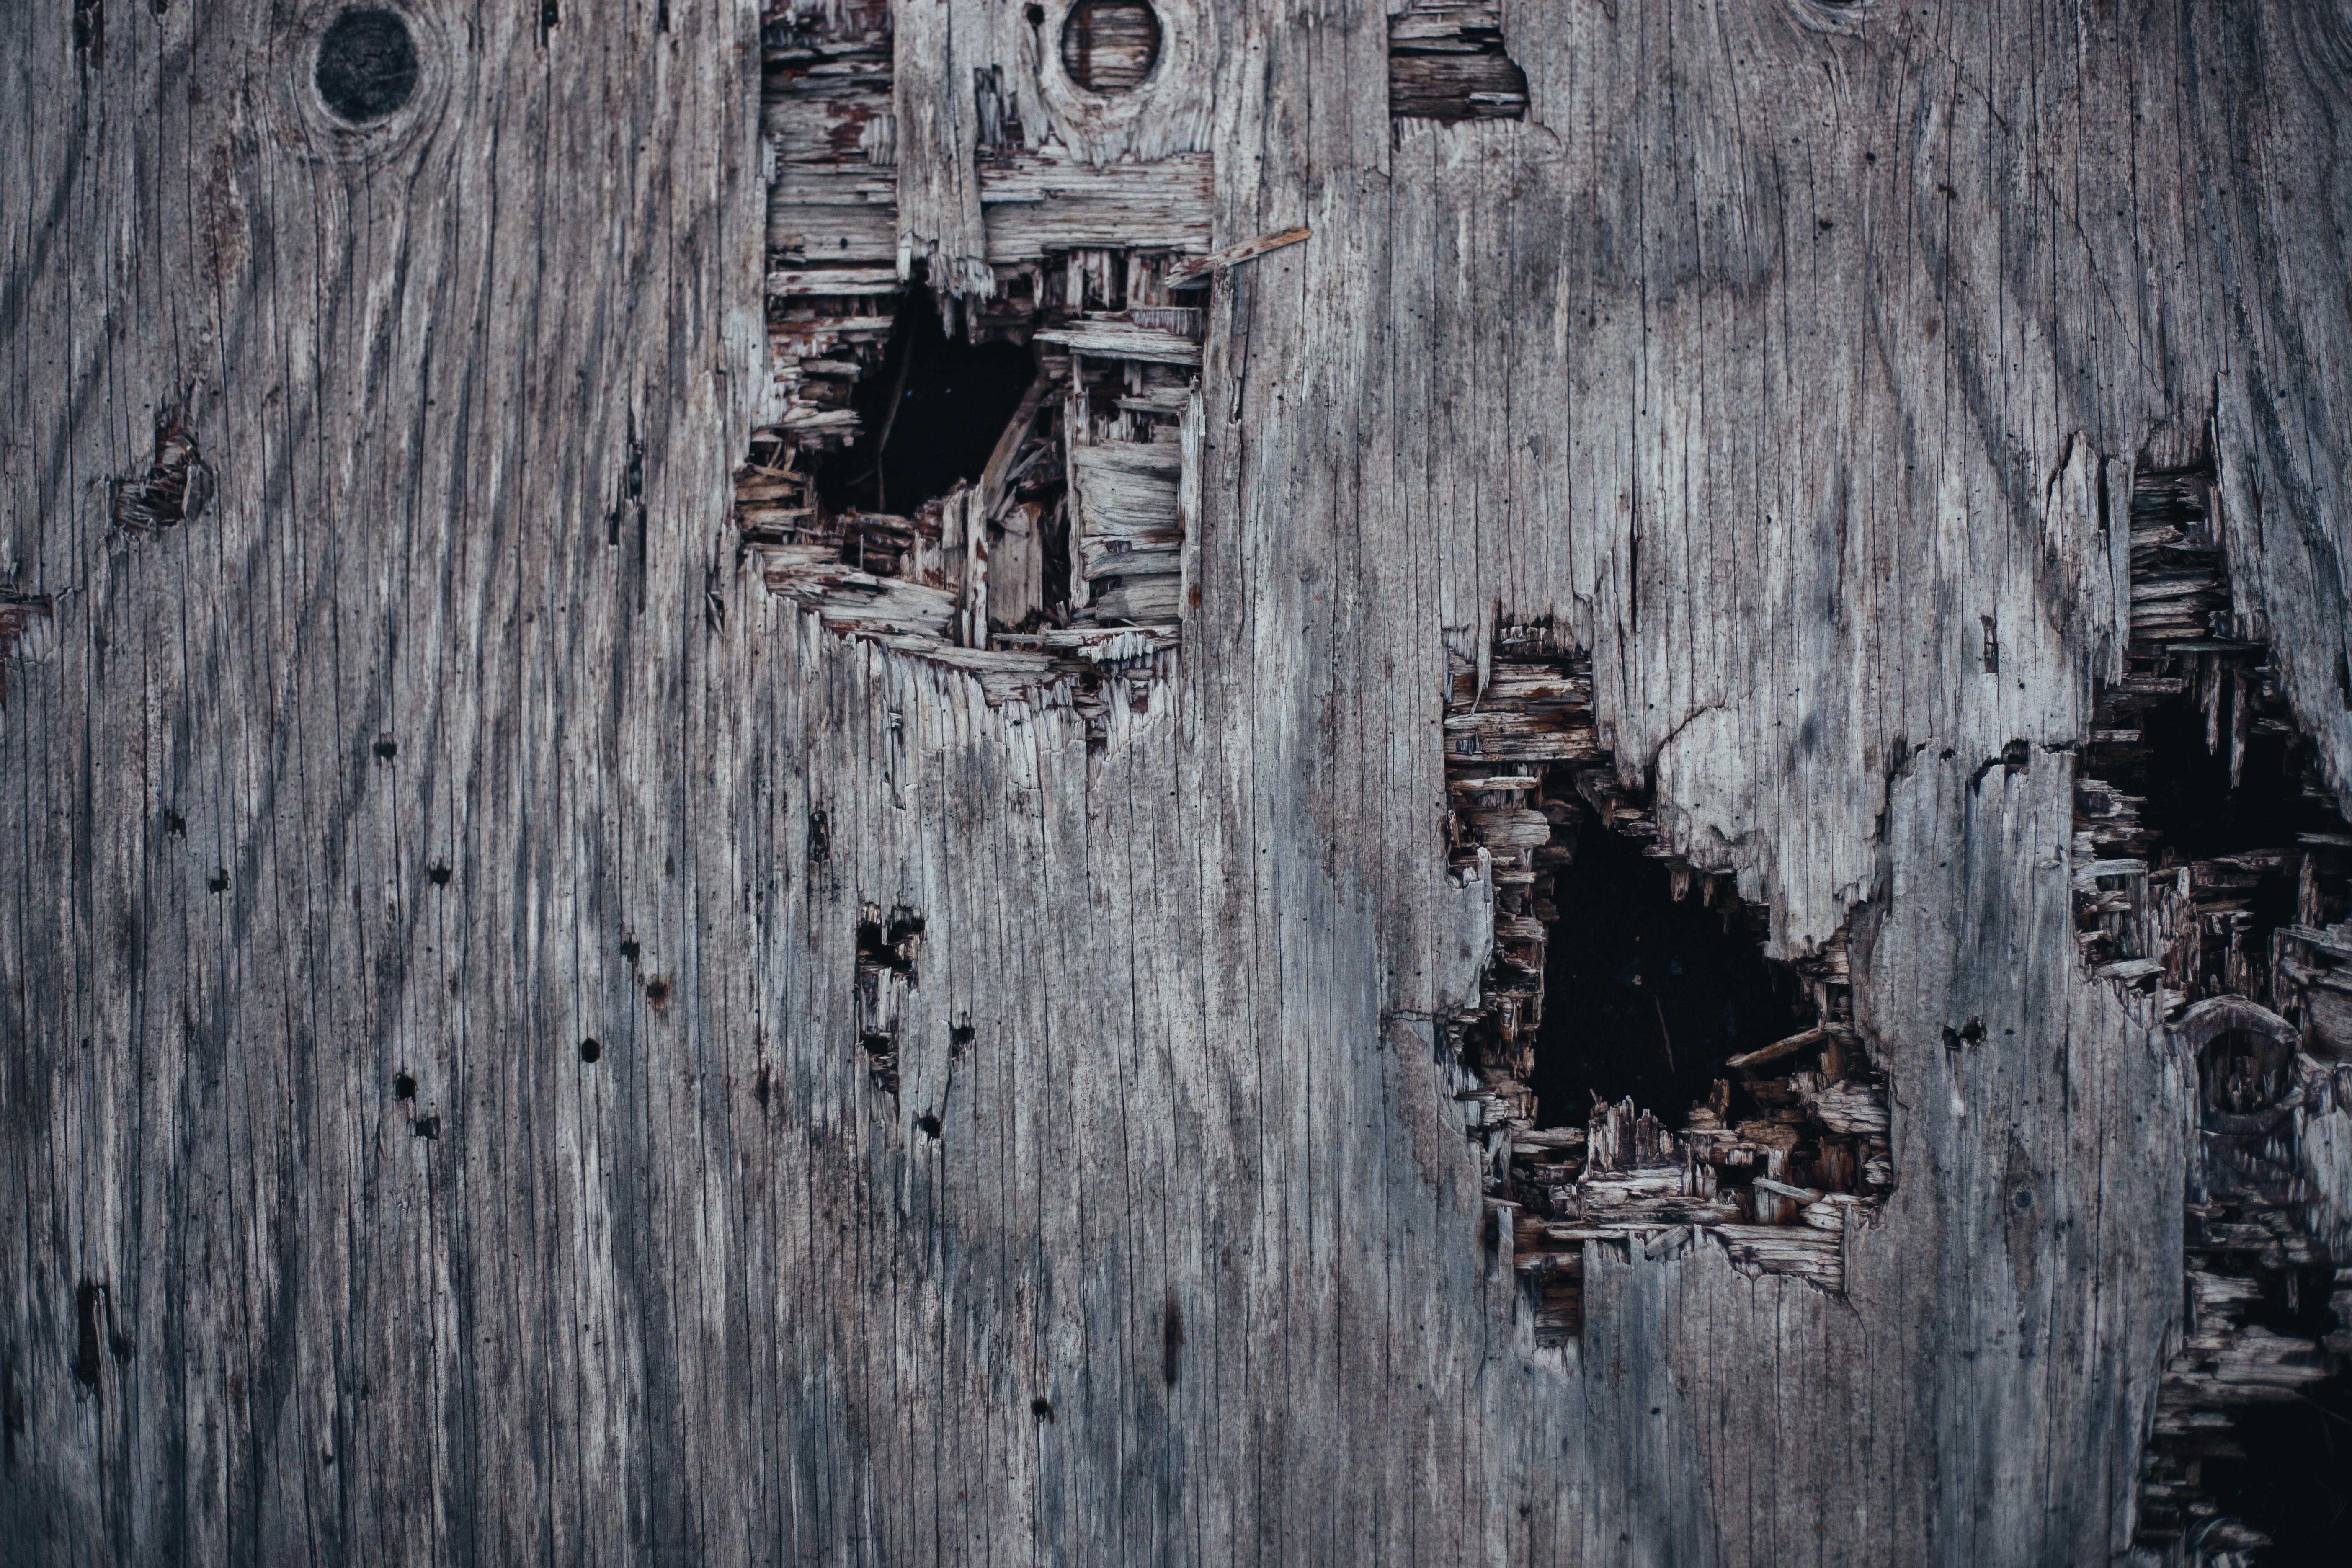 Holed Grunge Wood Texture, Damaged, Grunge, Grungy, Holes, HQ Photo